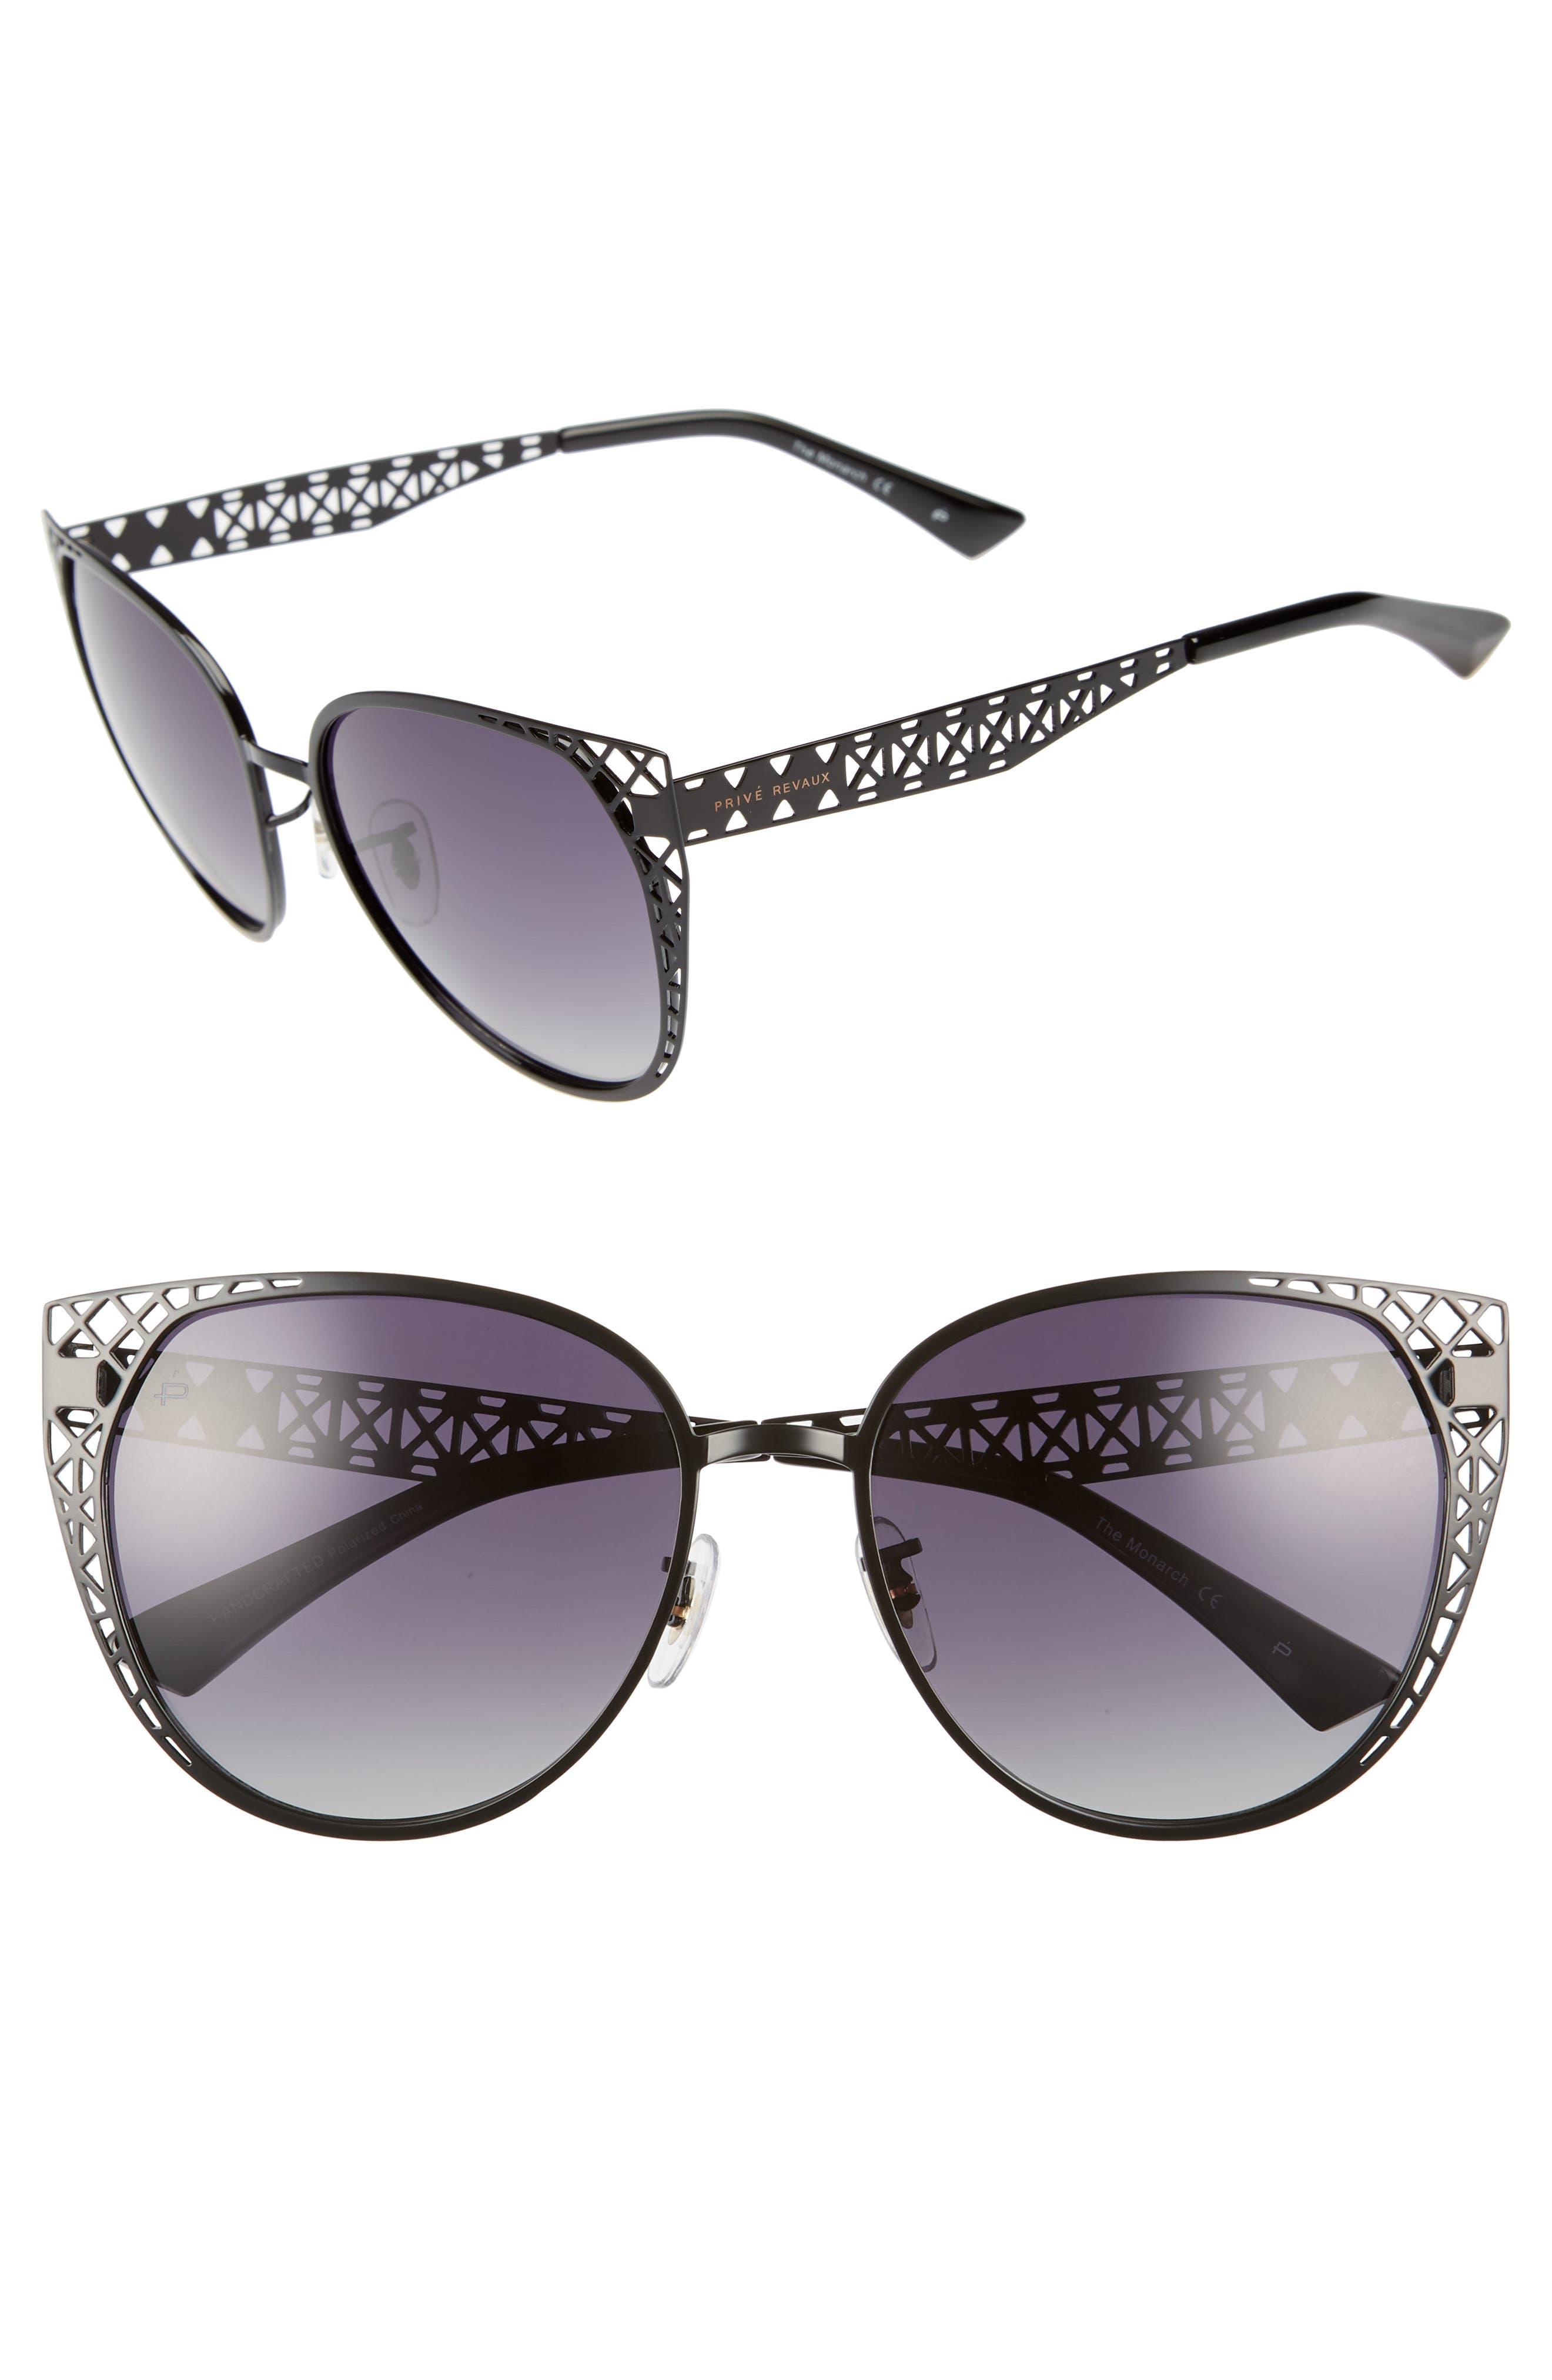 Privé Revaux The Monarch 57mm Cat Eye Sunglasses,                         Main,                         color, Black